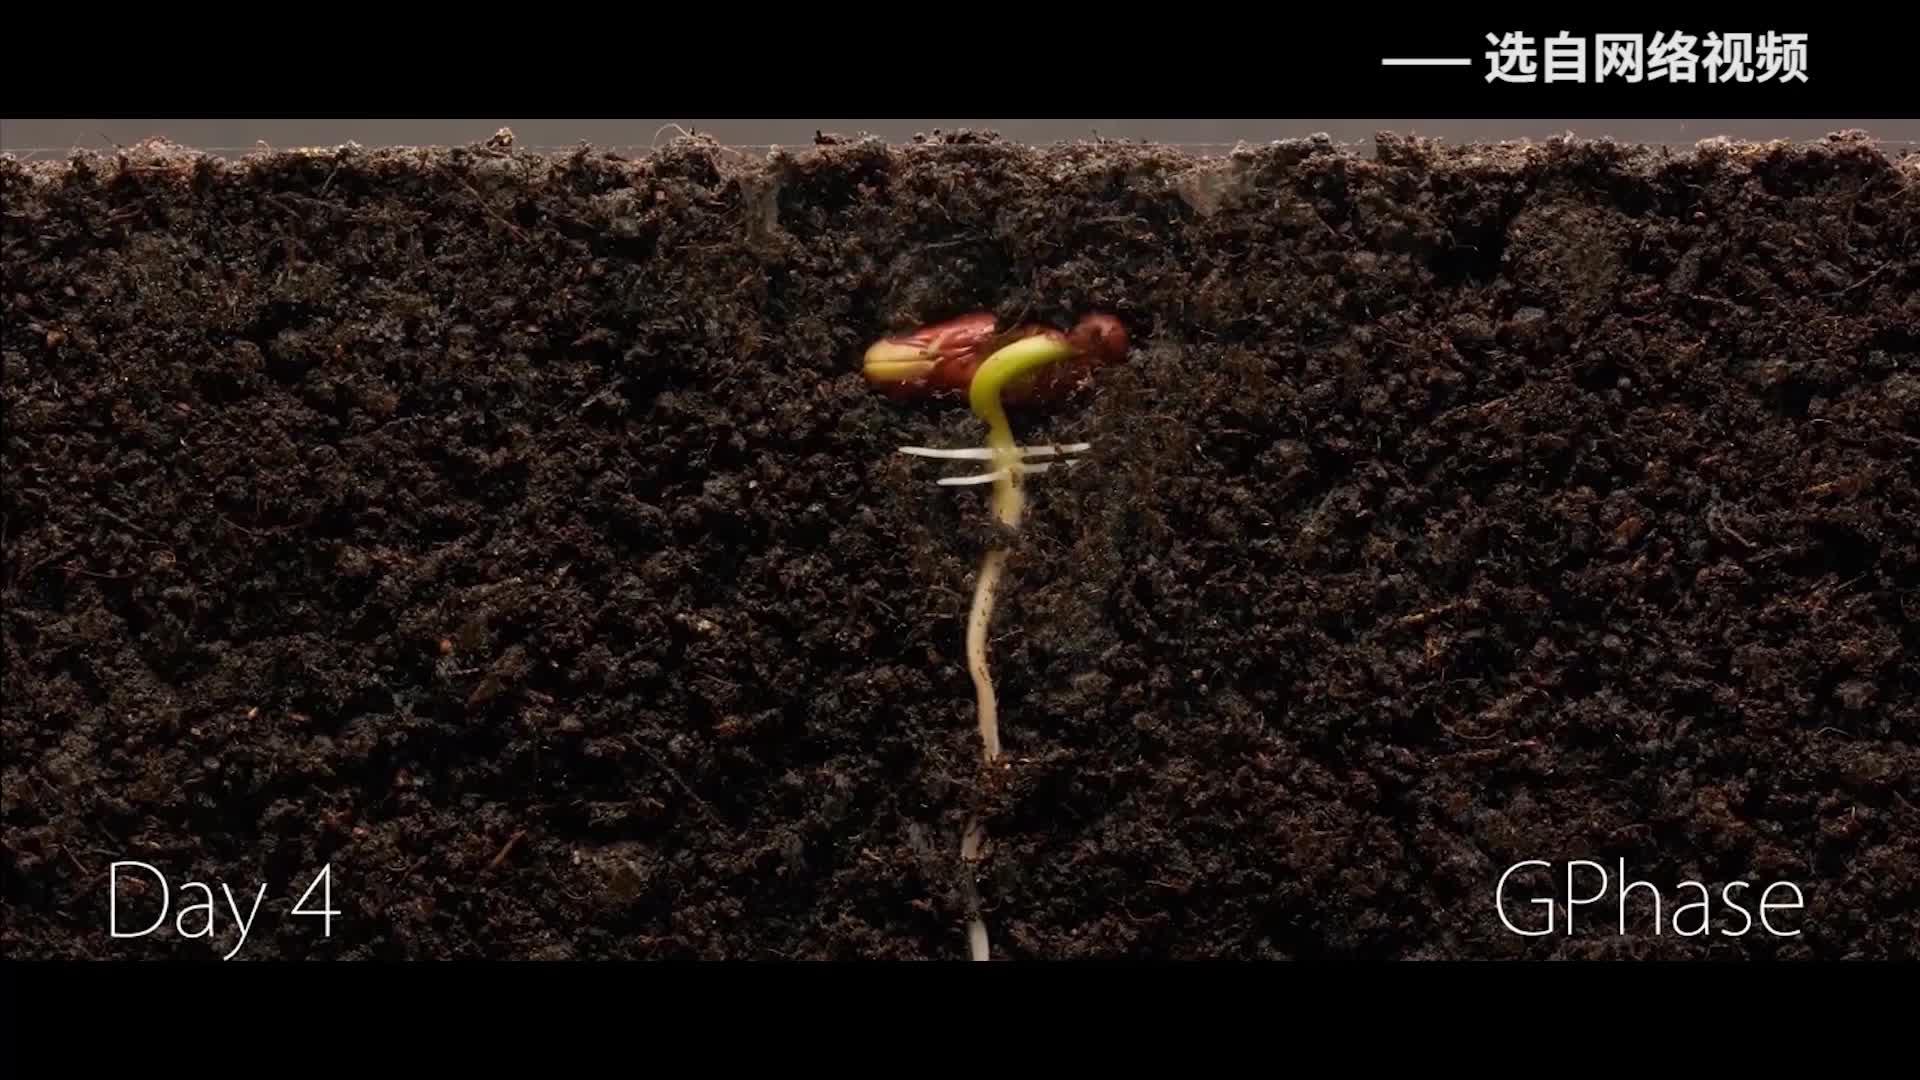 《科学嘻游记》 第96集 豆科植物的生命周期是怎样的